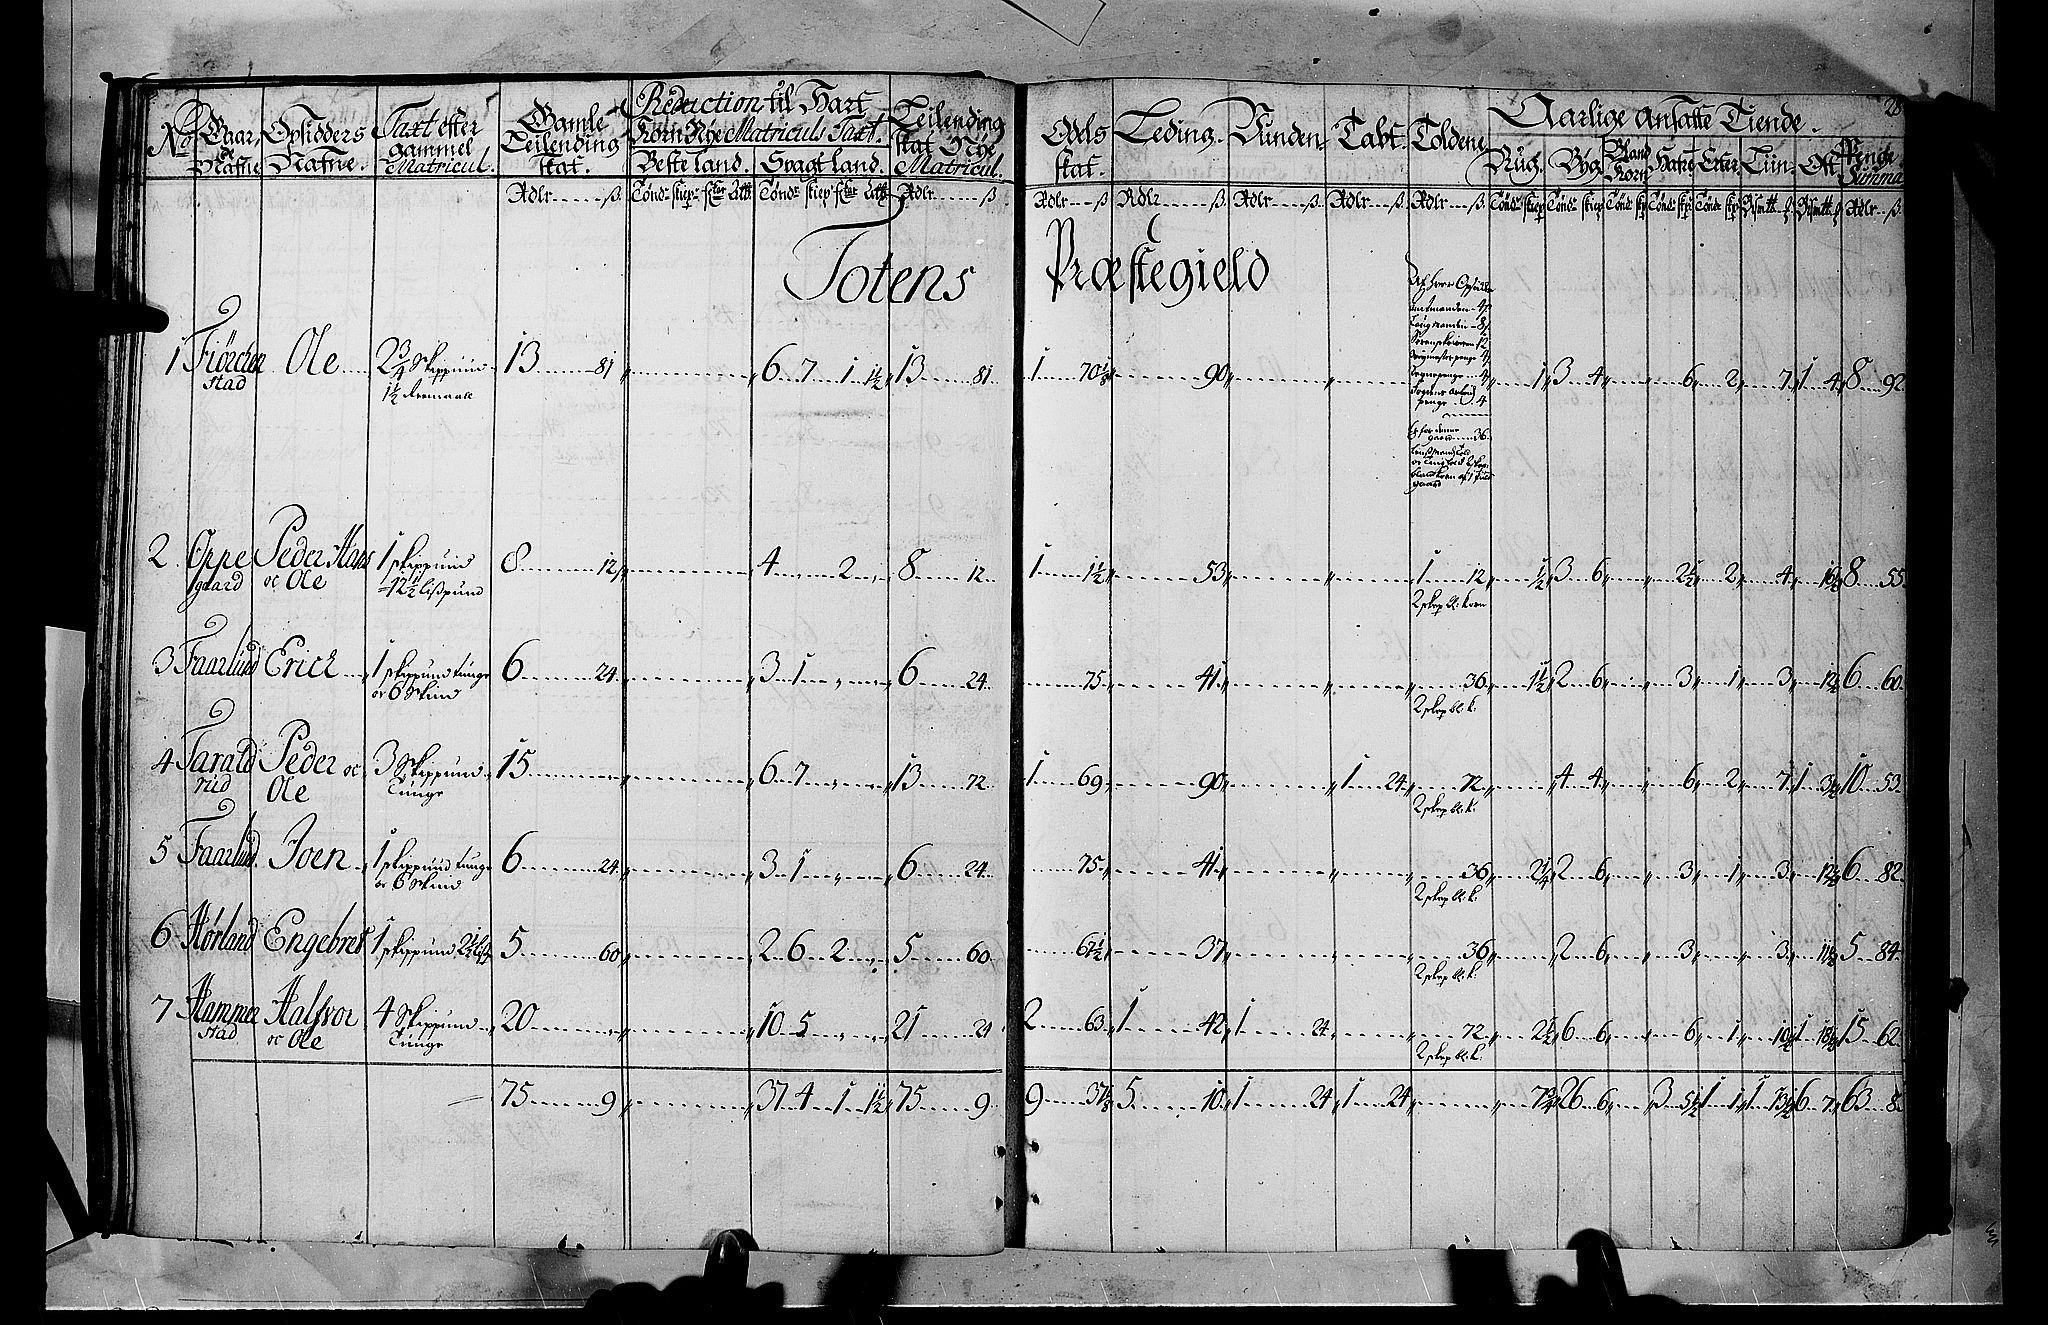 RA, Rentekammeret inntil 1814, Realistisk ordnet avdeling, N/Nb/Nbf/L0105: Hadeland, Toten og Valdres matrikkelprotokoll, 1723, s. 27b-28a